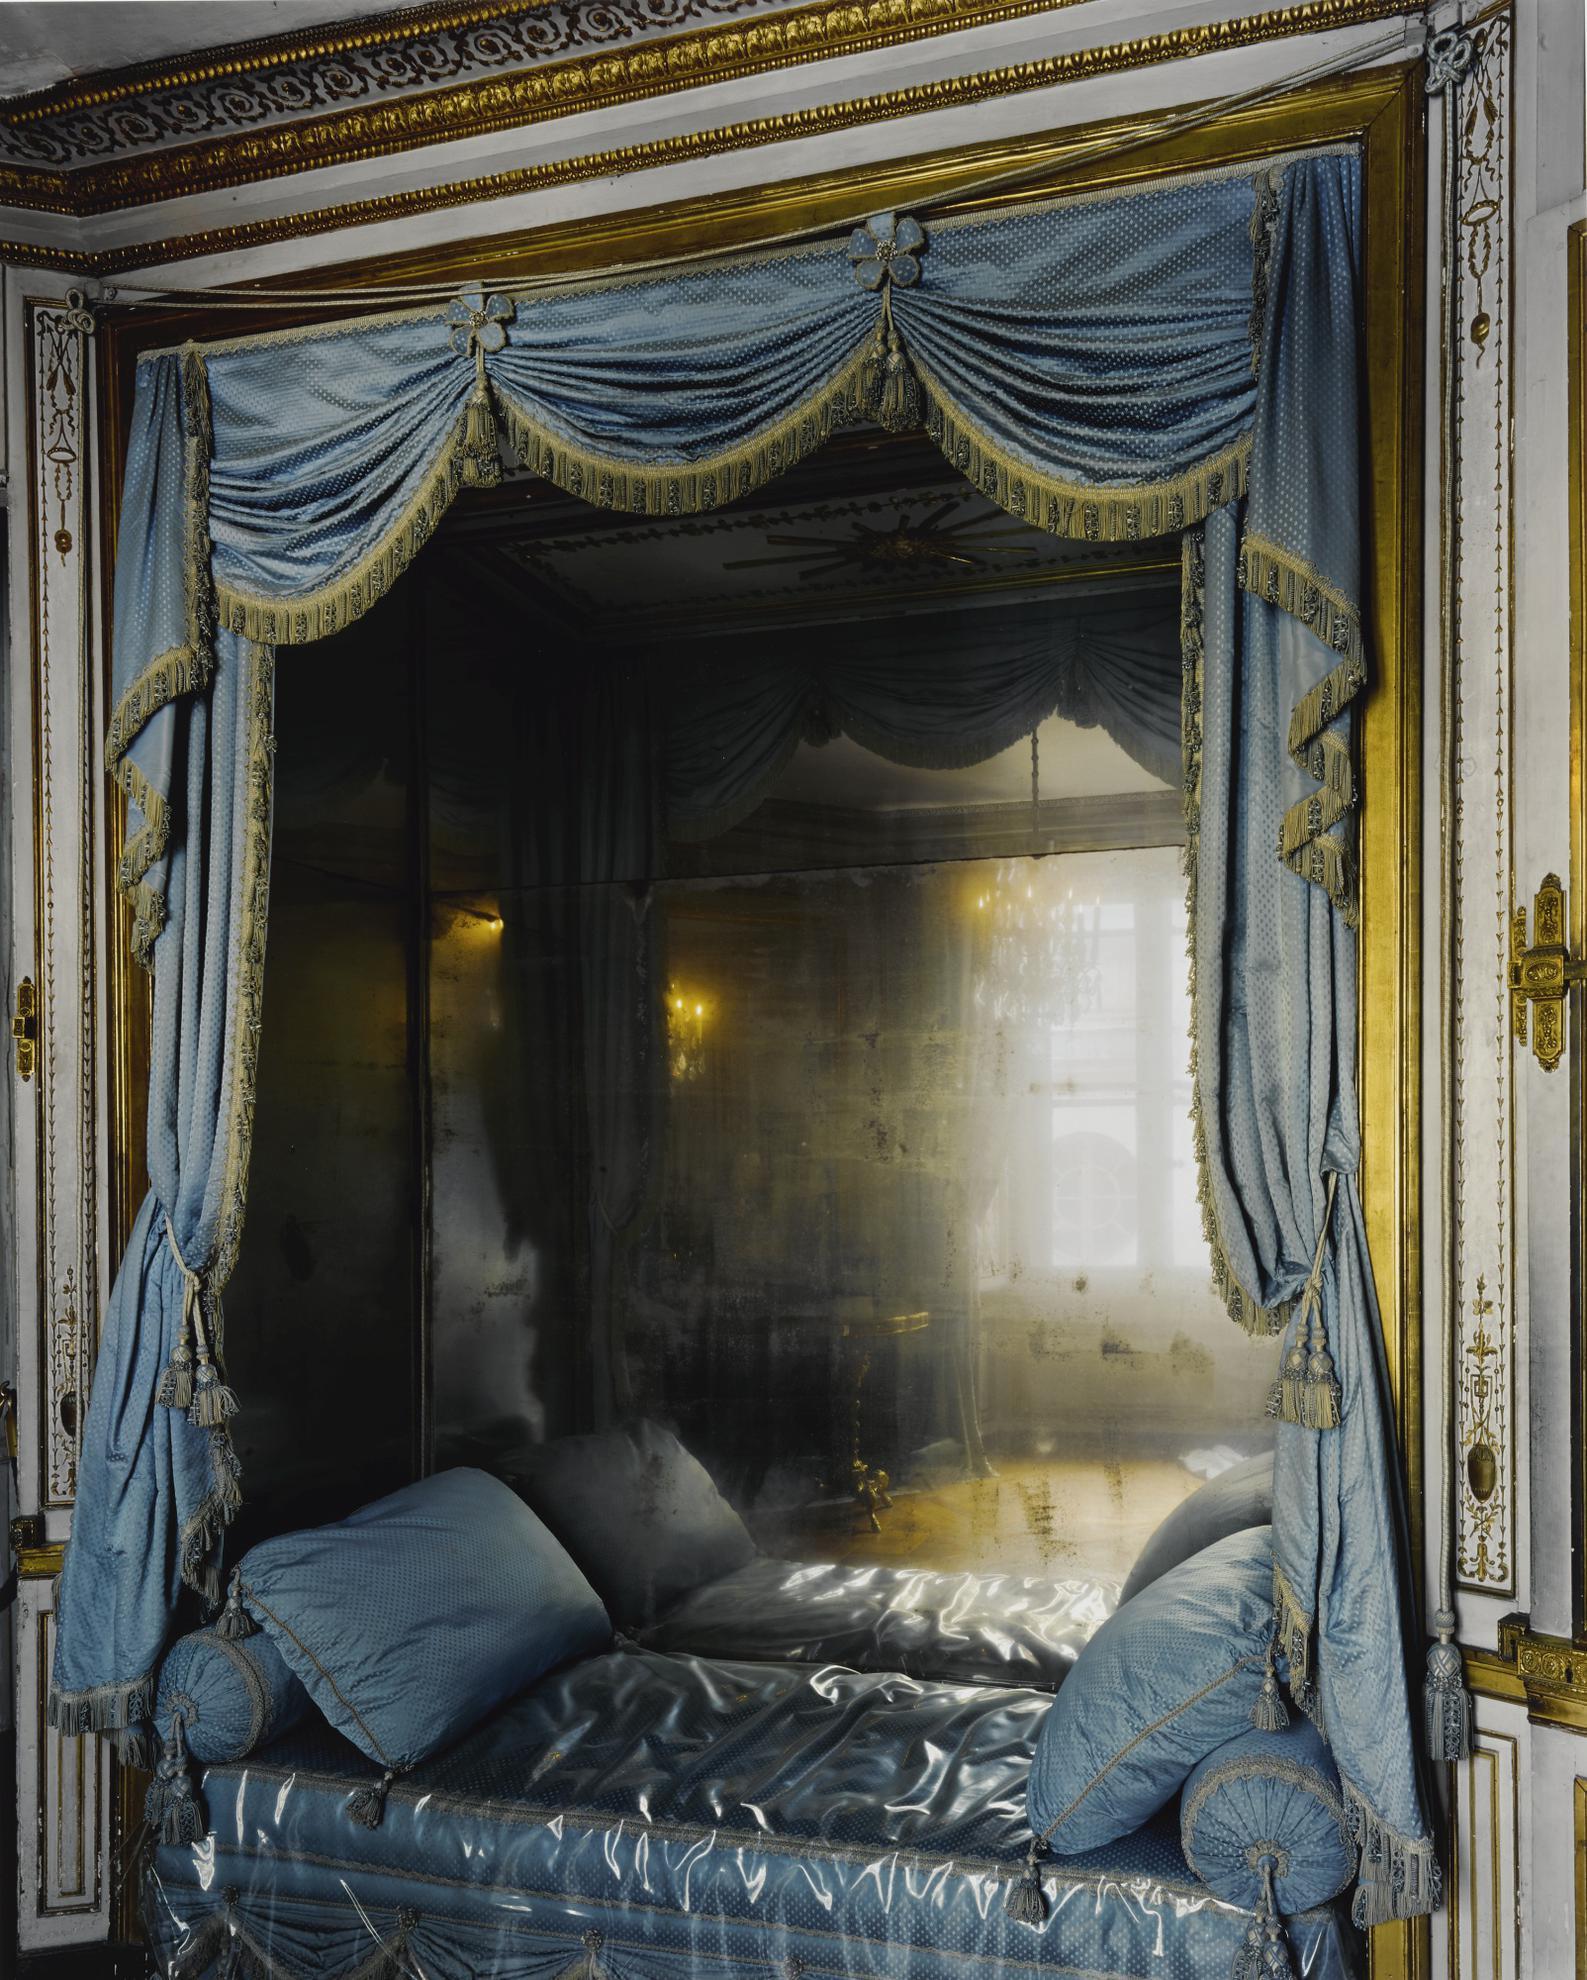 Robert Polidori-La Meridienne, Bed Of Marie-Antoinette, Chateau De Versailles-2007